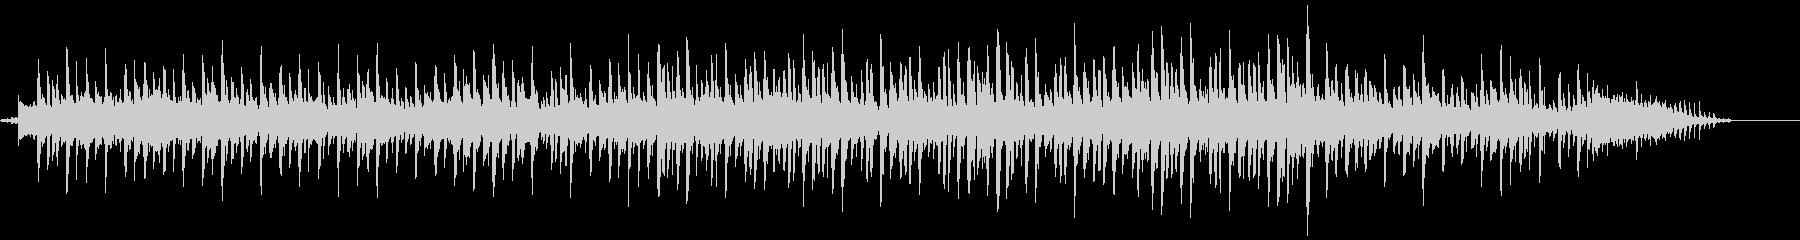 ショパン 別れの曲(アンビエントver)の未再生の波形